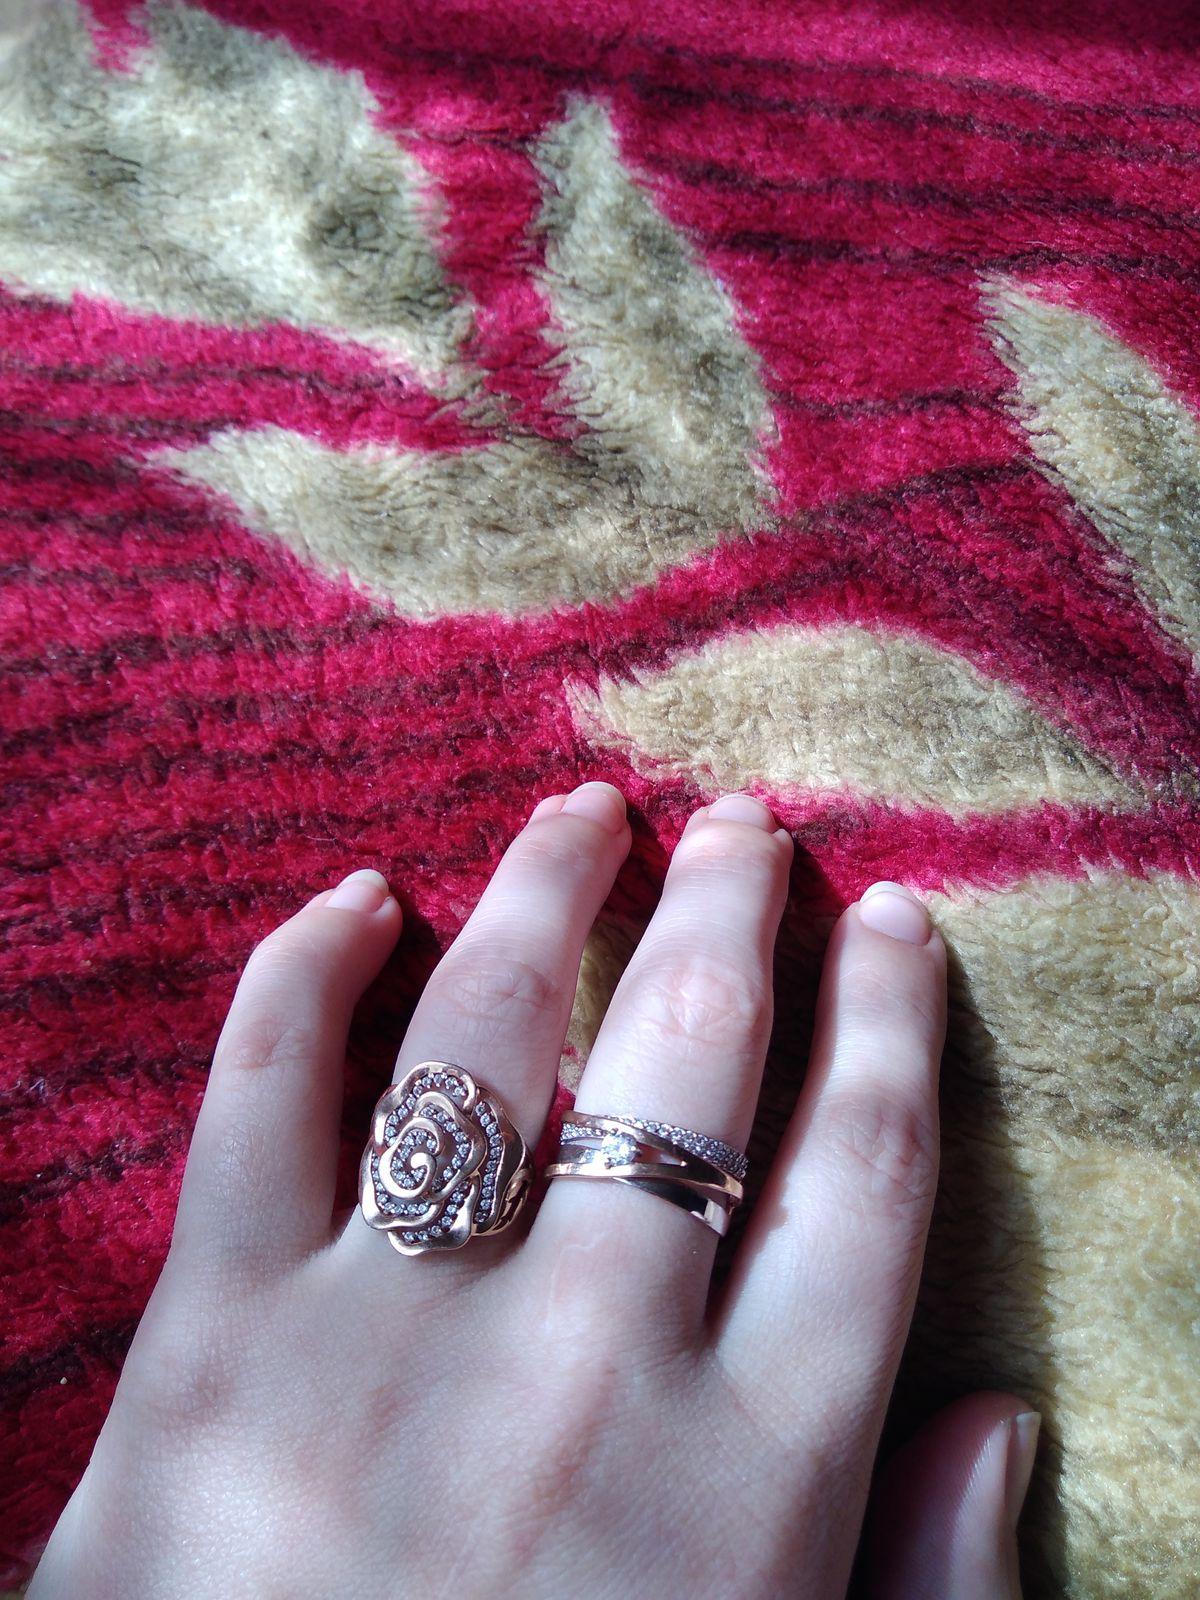 Кольцо супер, нимагу на него наглядется. А на руке смотрится очень красиво